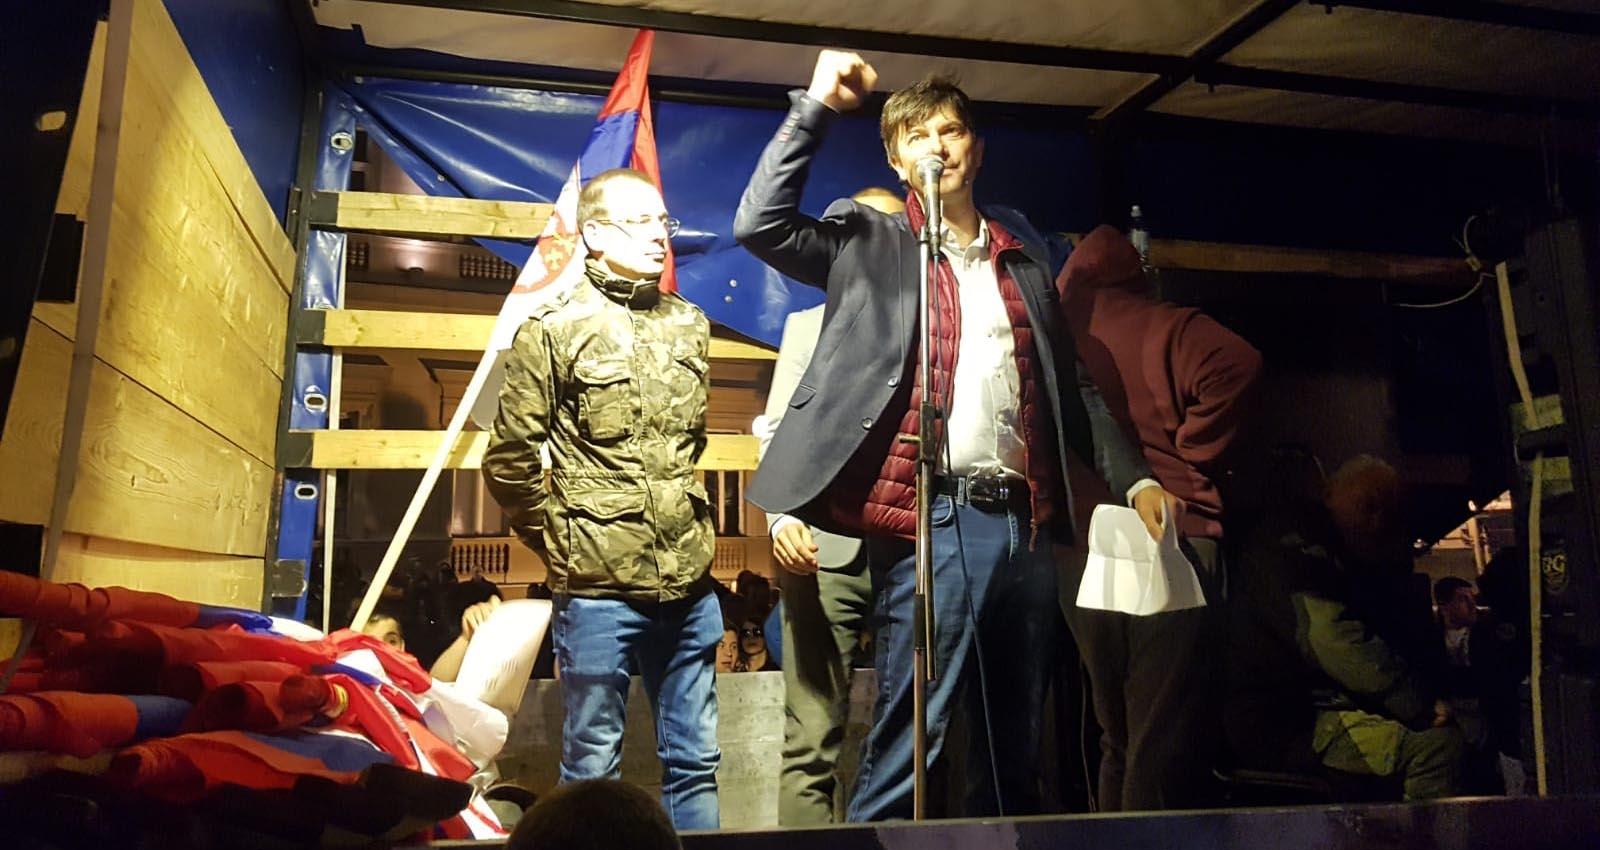 Јовановић на протесту у Београду: Преживели смо стране окупаторе, преживећемо и малог Нерона из Крушевца!